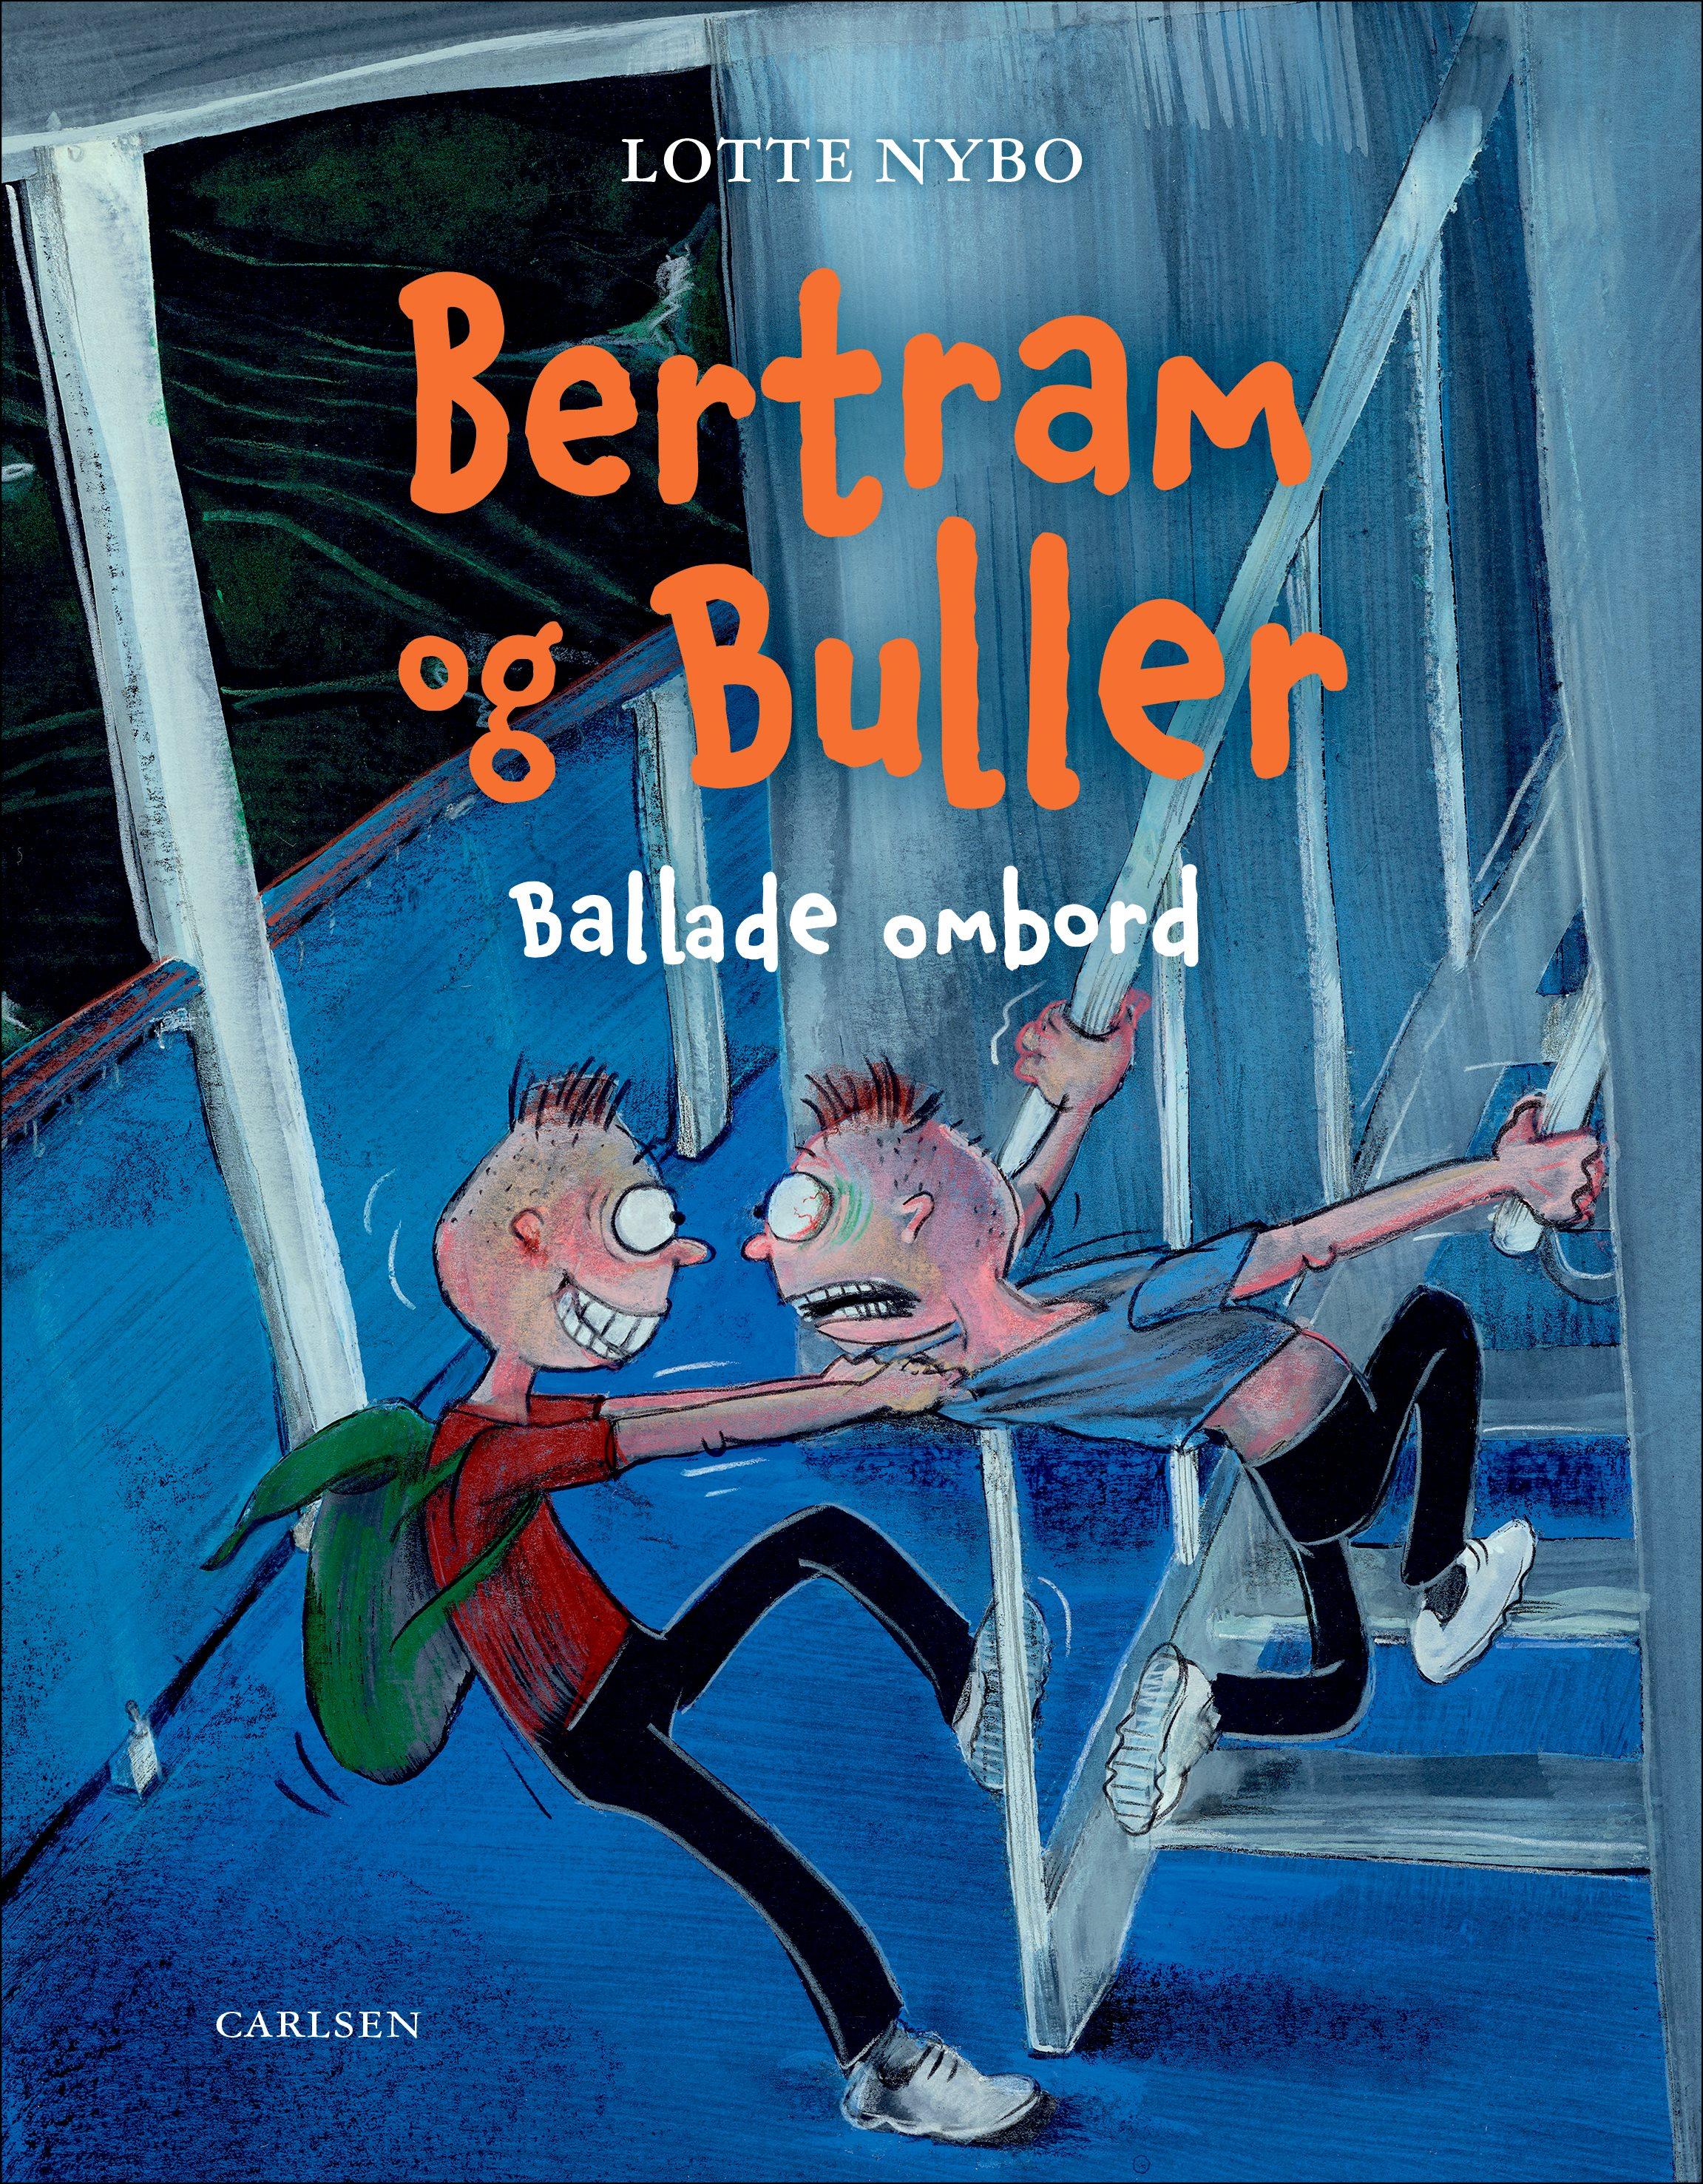 Bertram og Buller - Ballade ombord